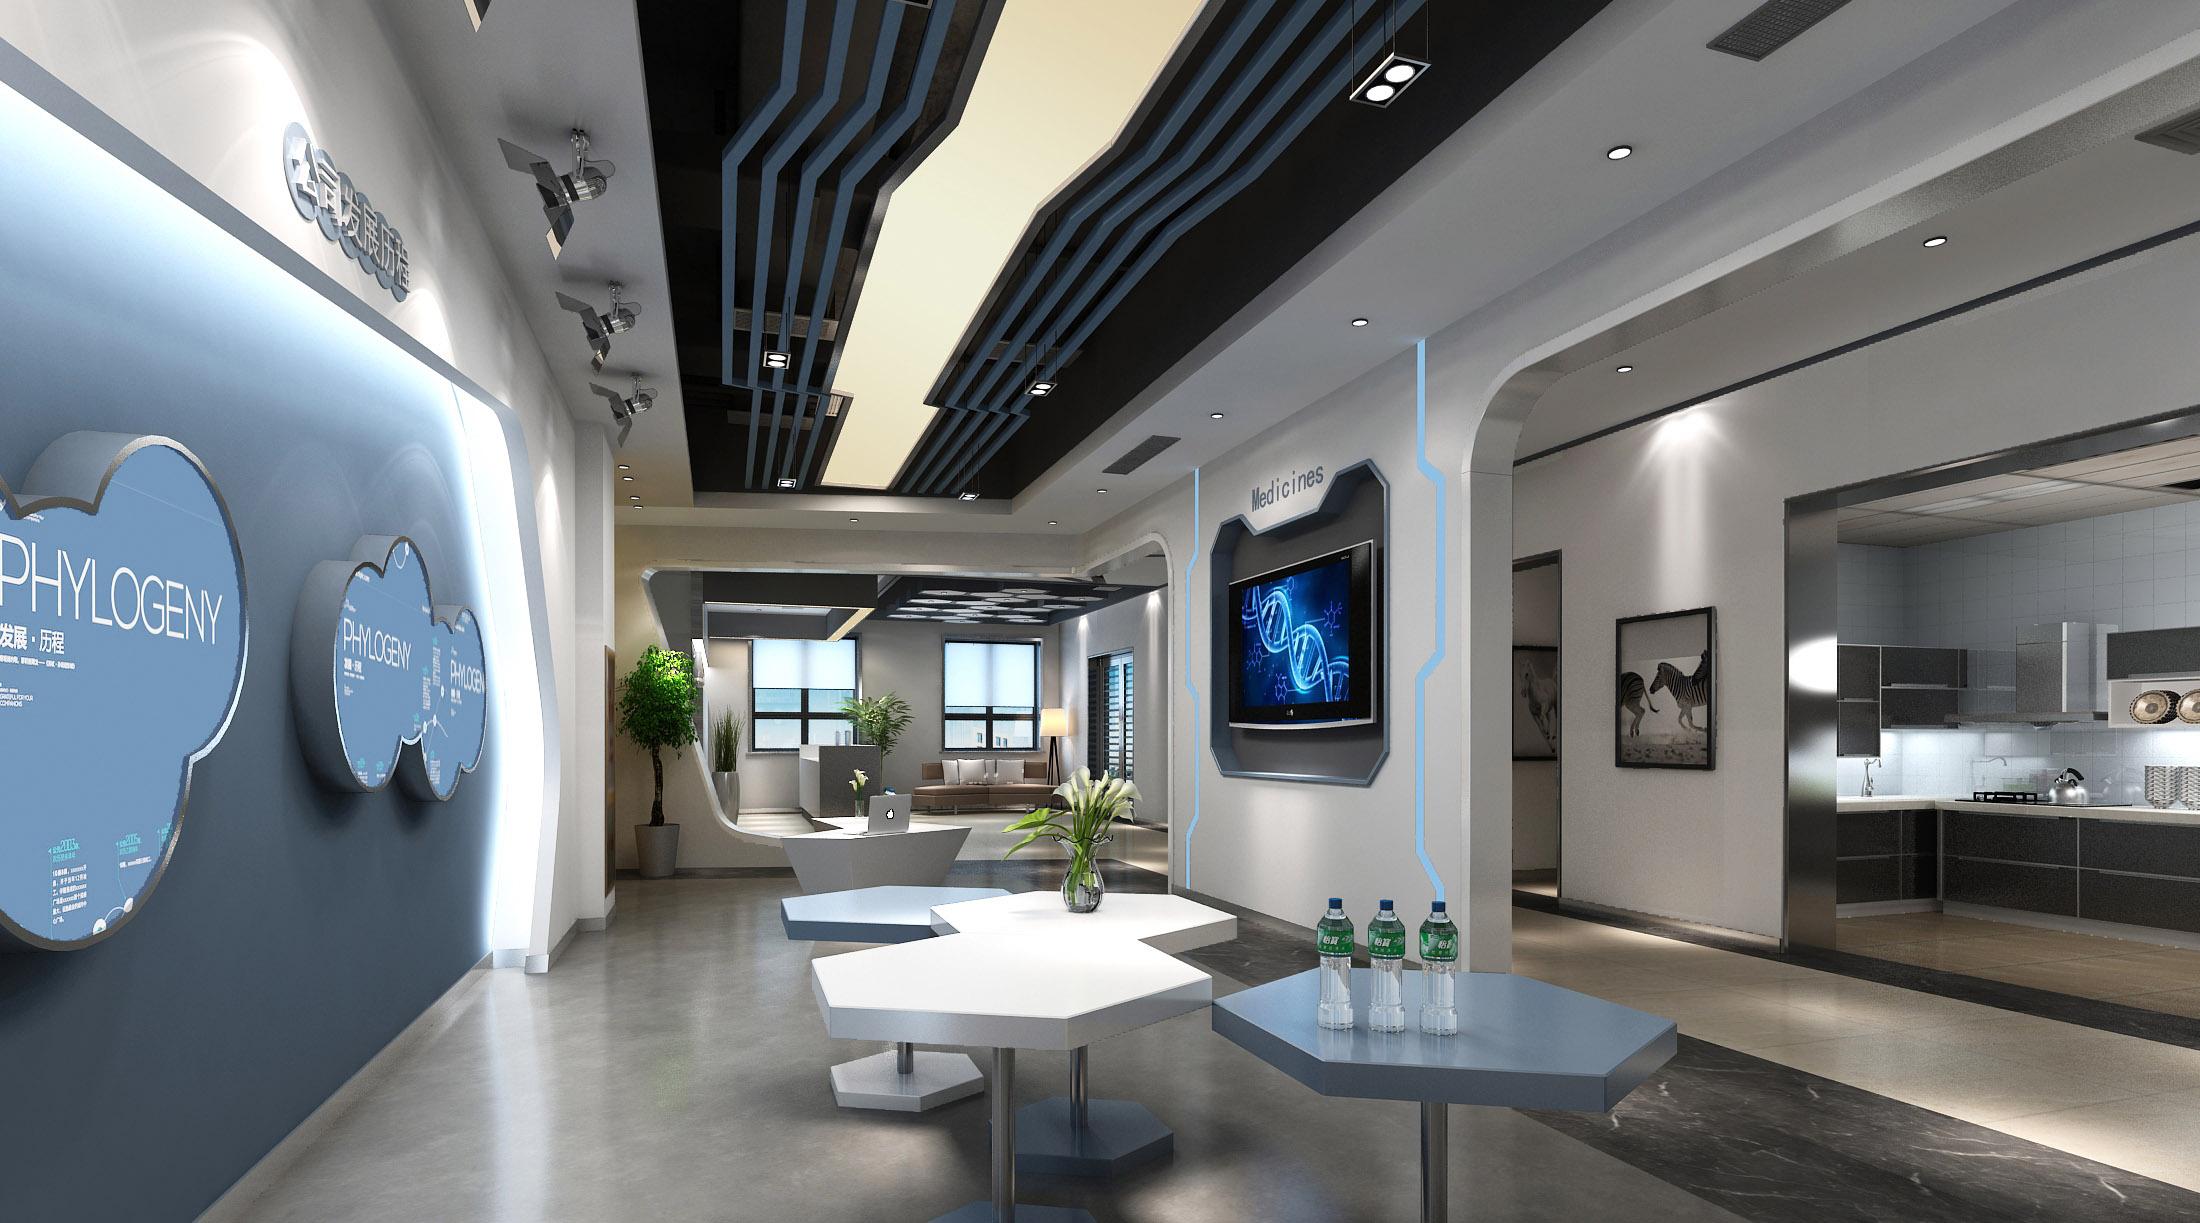 青岛办公室装修之点云生物科技有限公司室内装饰效果图